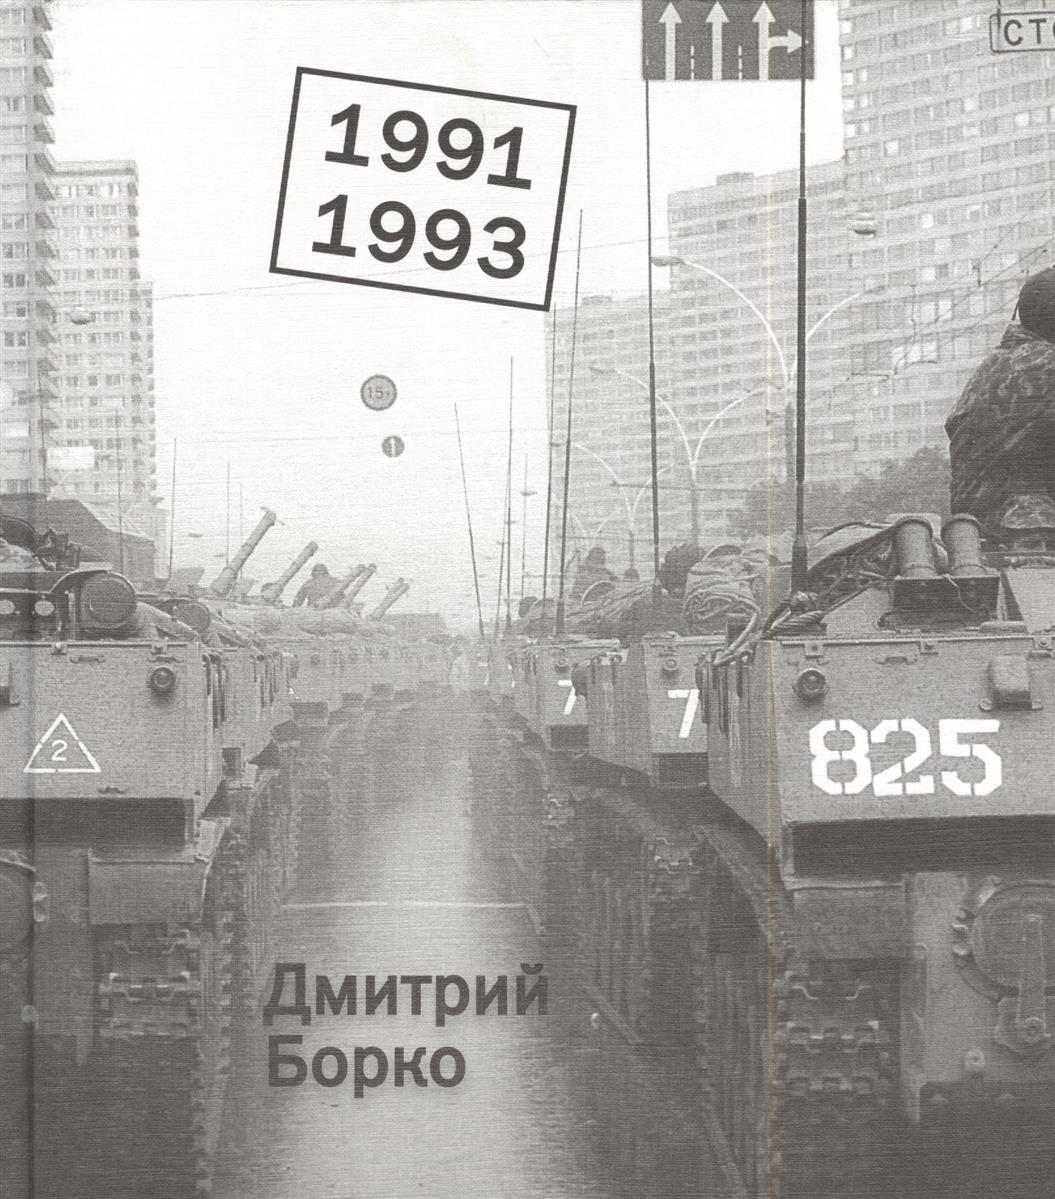 Борко Д. 1991 1993. Фотоальбом фотоальбом 6171